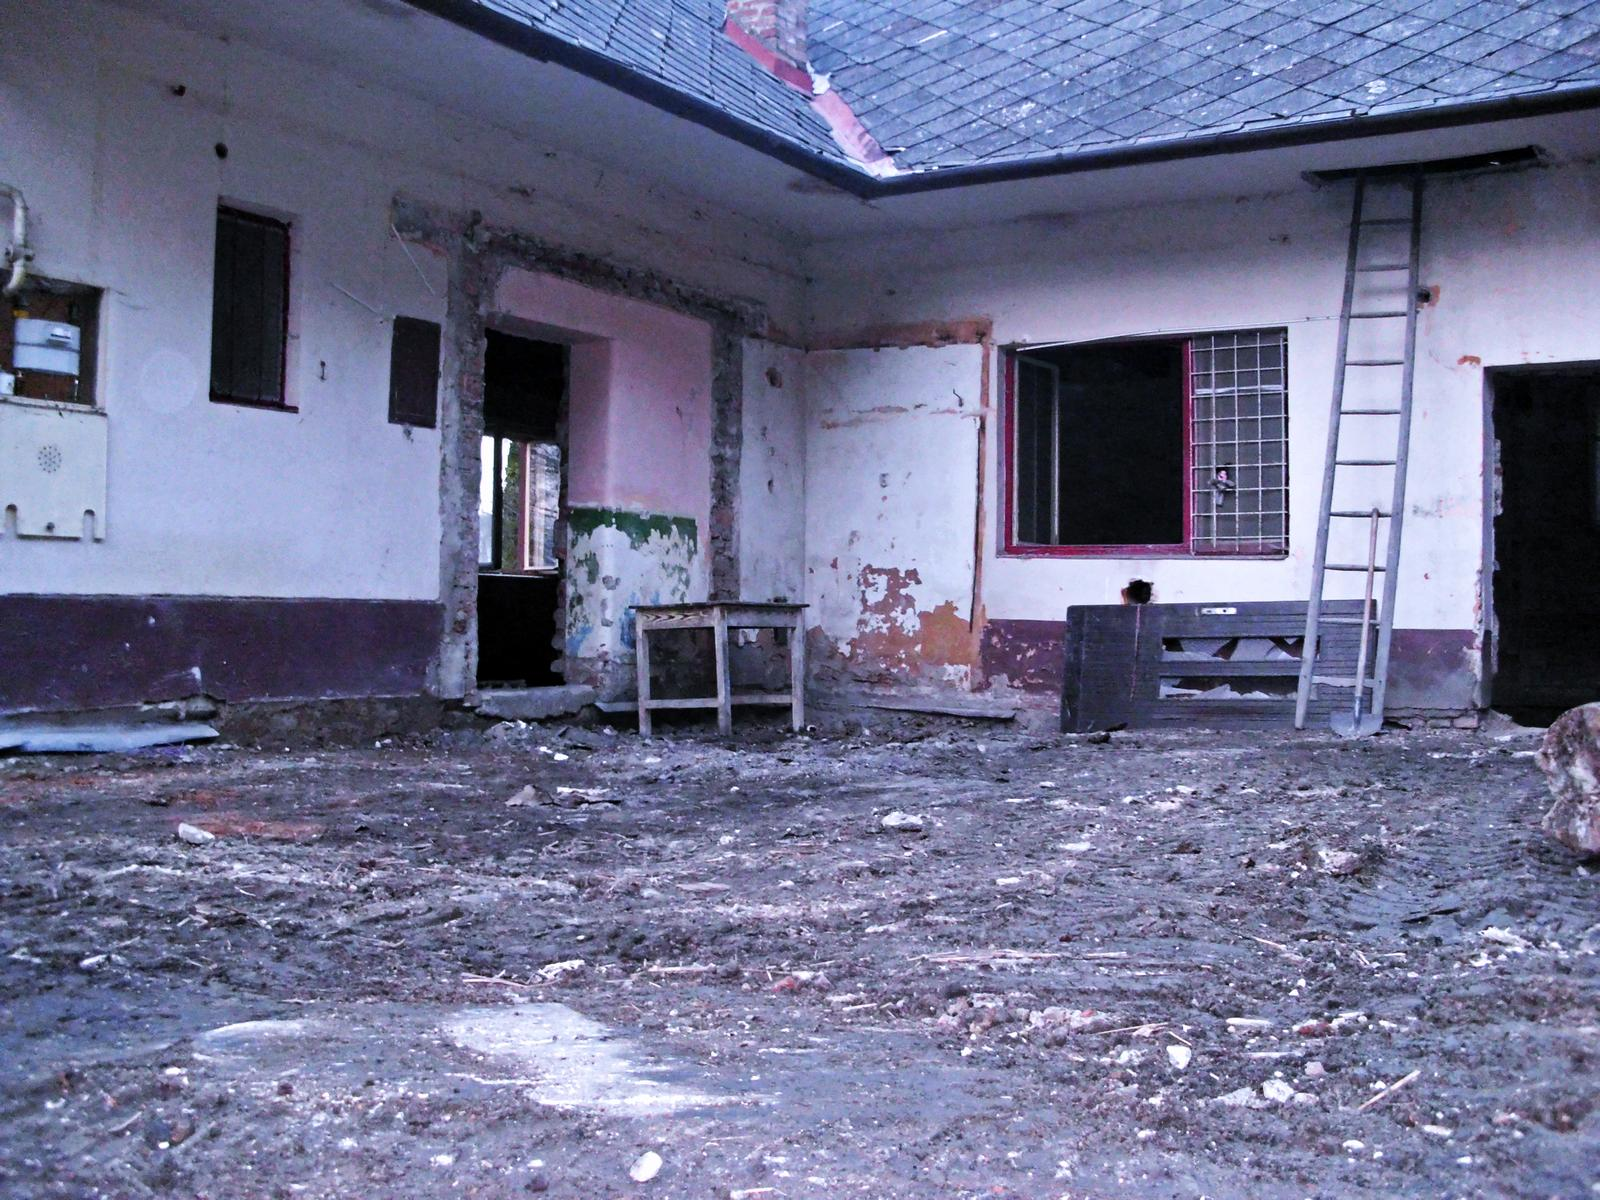 V zelenom dome - bordel preč, veranda preč, ......pravdepodobne najškaredší stav, odteraz sa už bude len skrášlovať a obnovovať